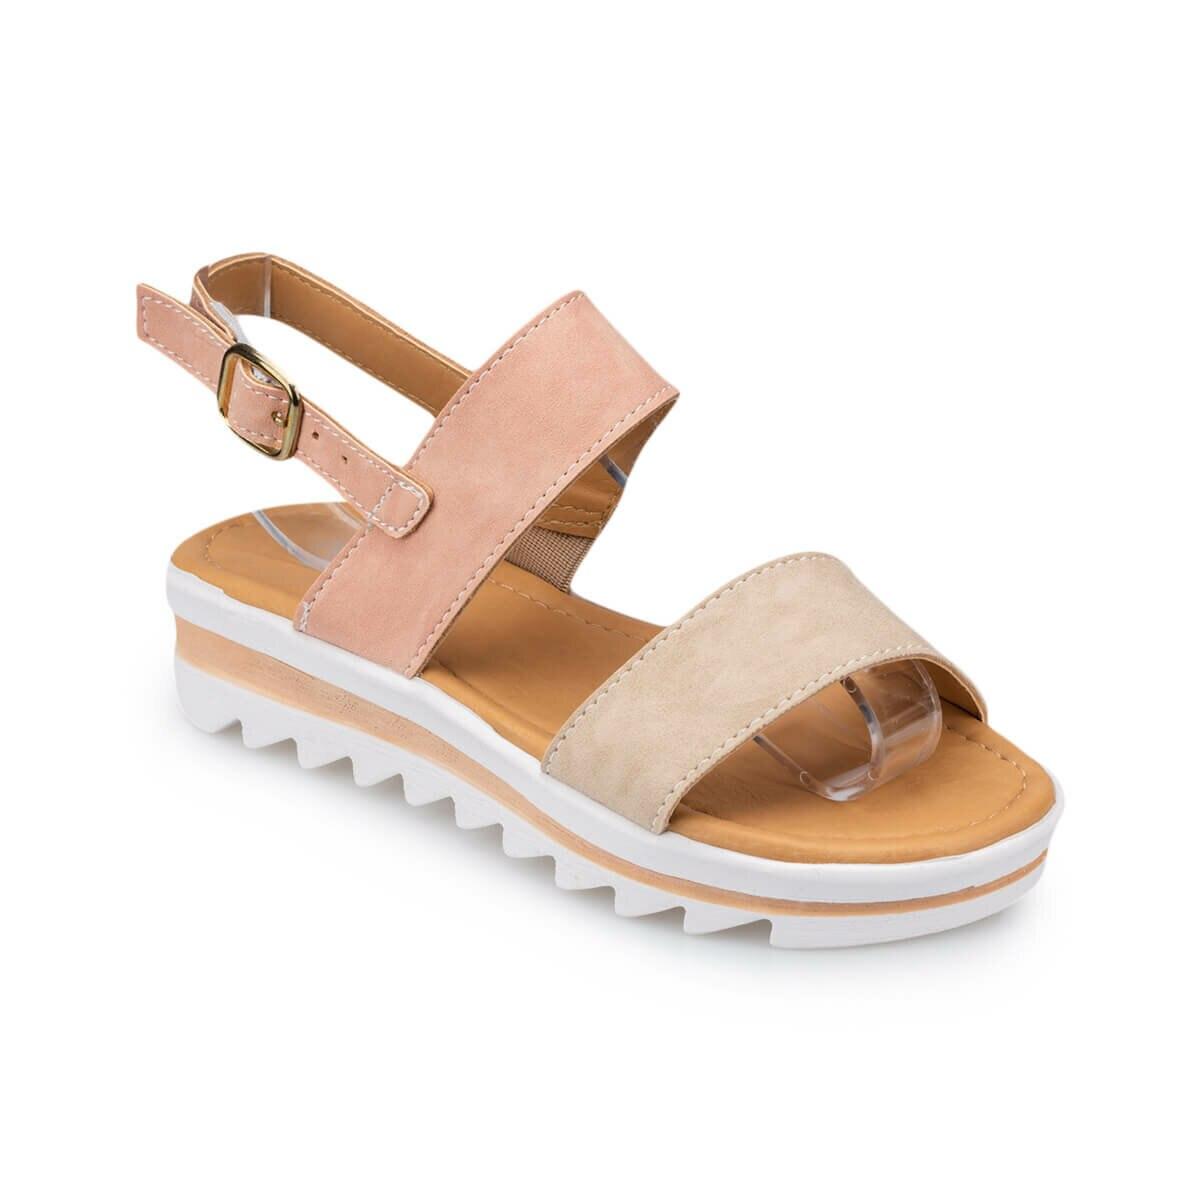 FLO 91.511272.F Powder Female Child Sandals Polaris